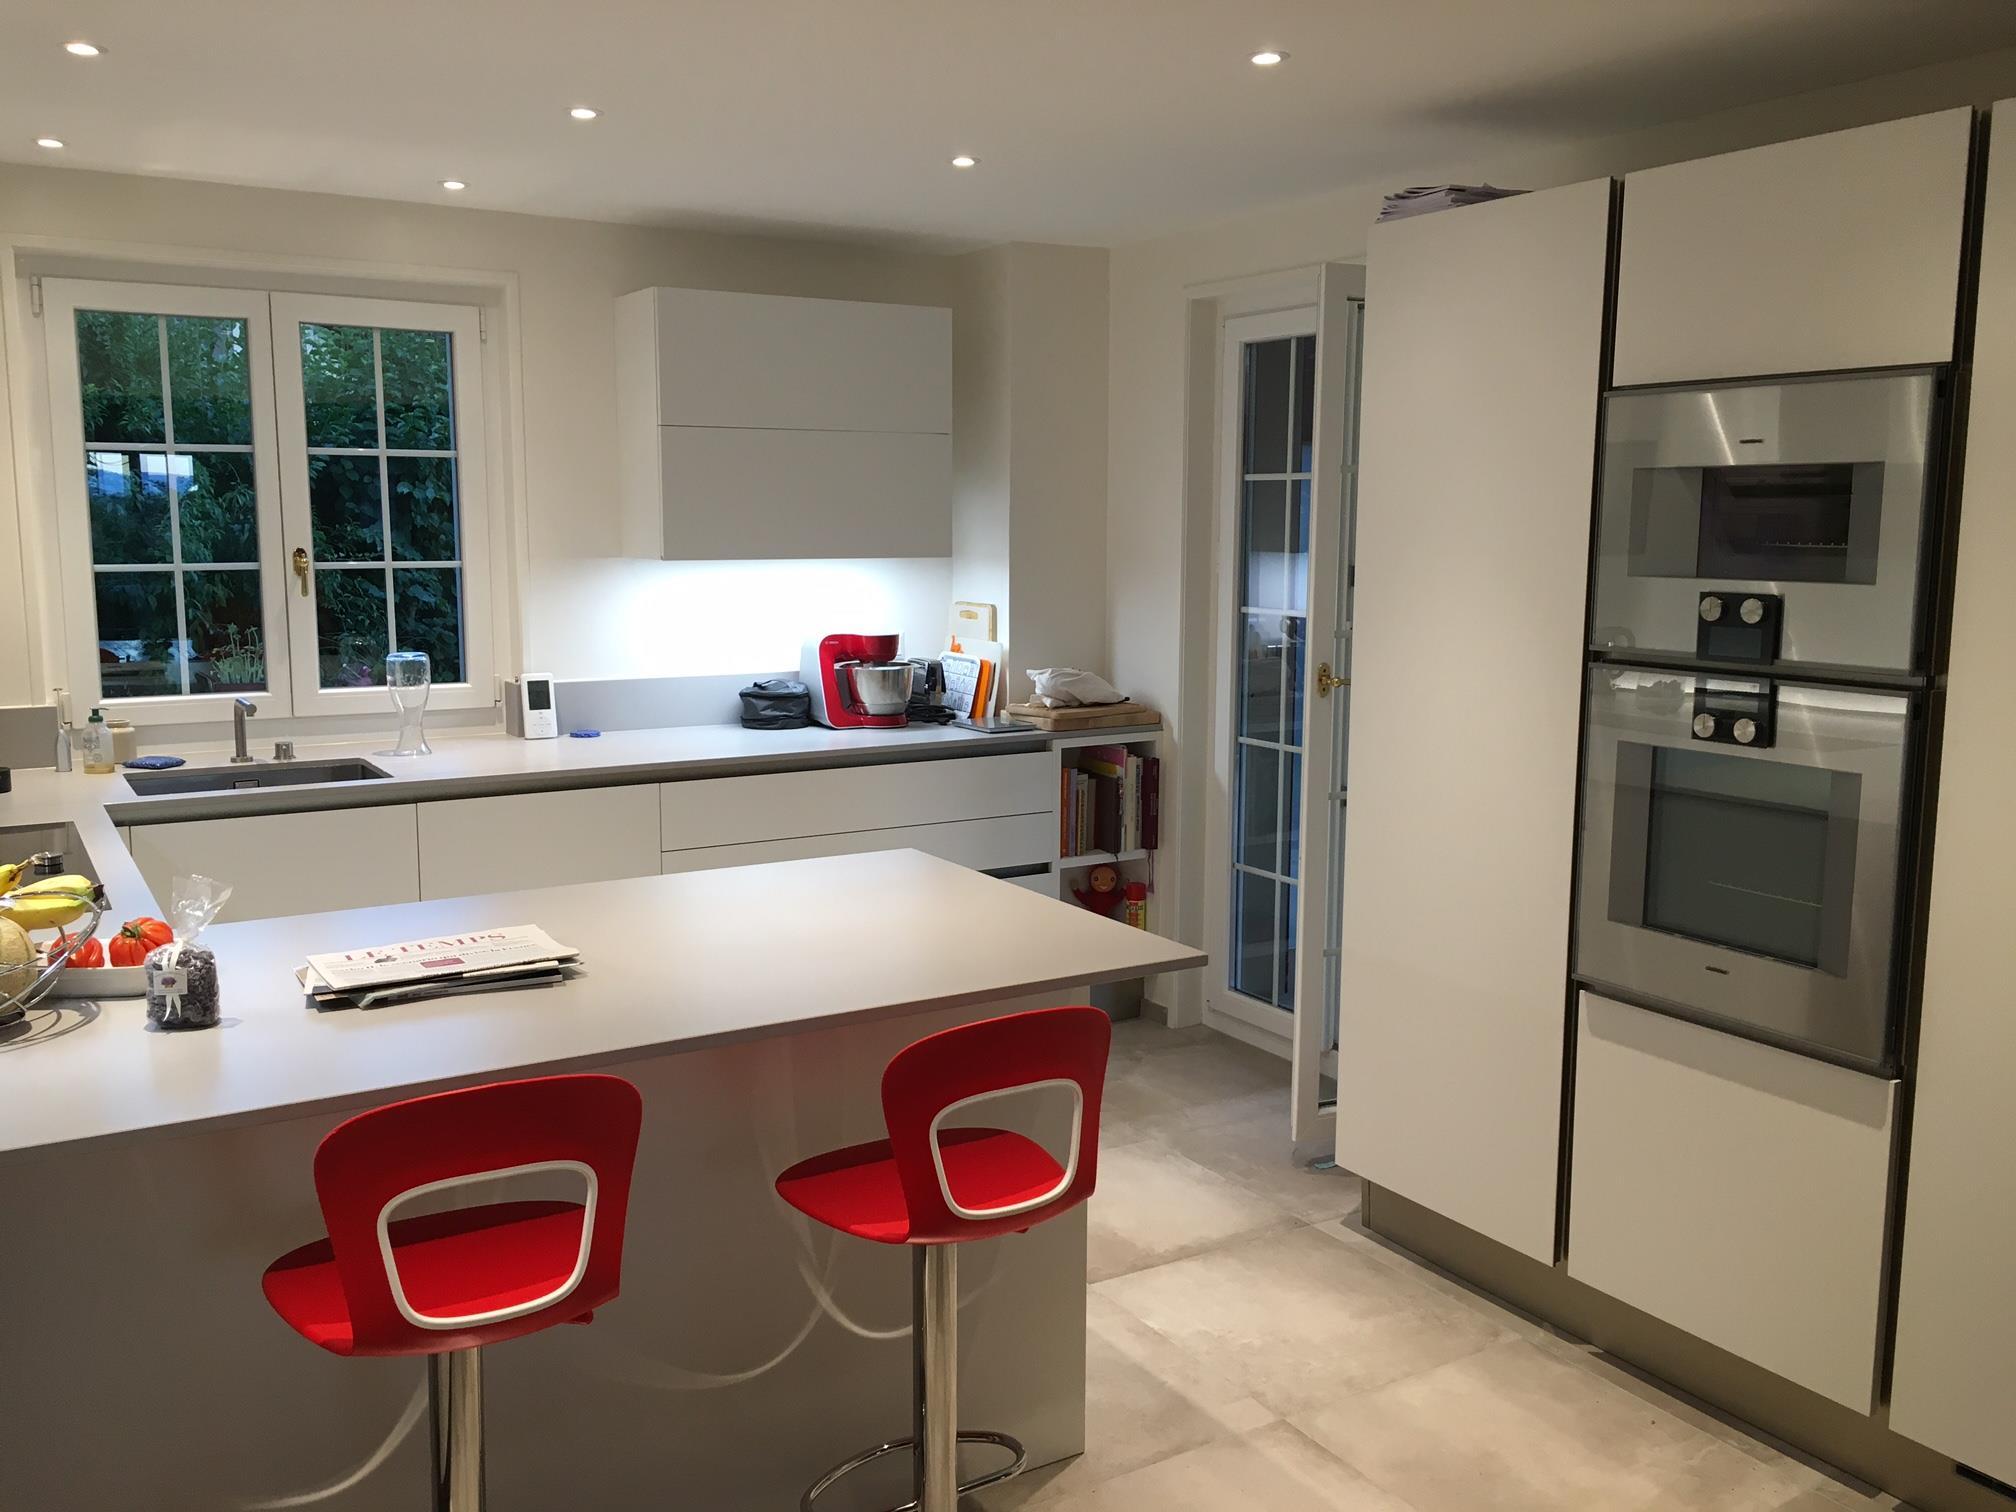 Le projet de martine et thierry veneta cucine l for Projet de cuisine en 3d